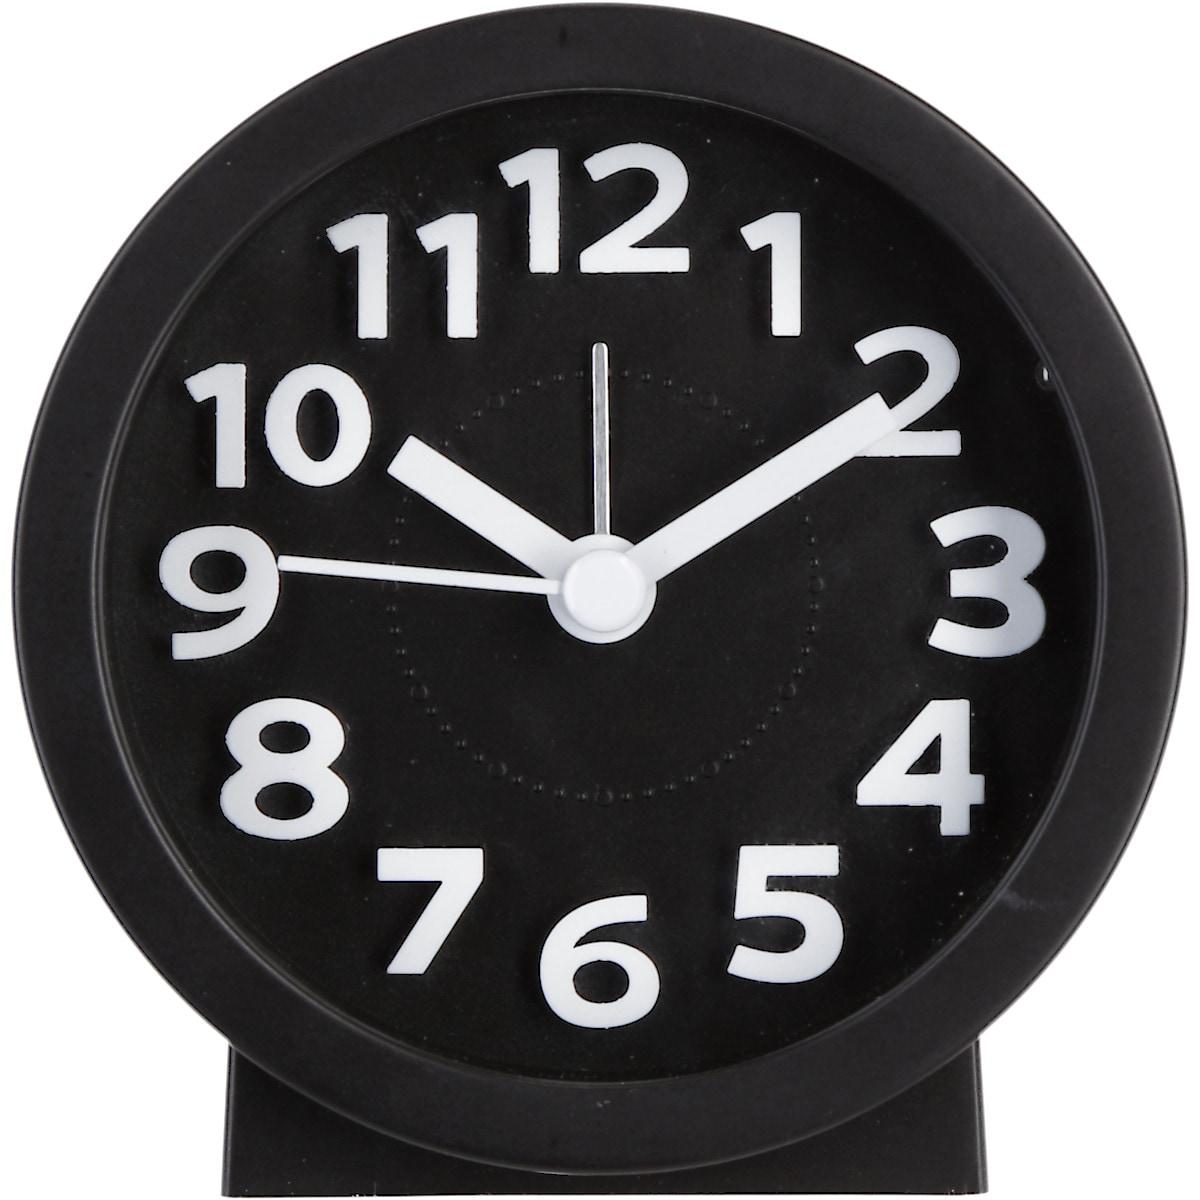 Väckarklocka Ø 9 cm